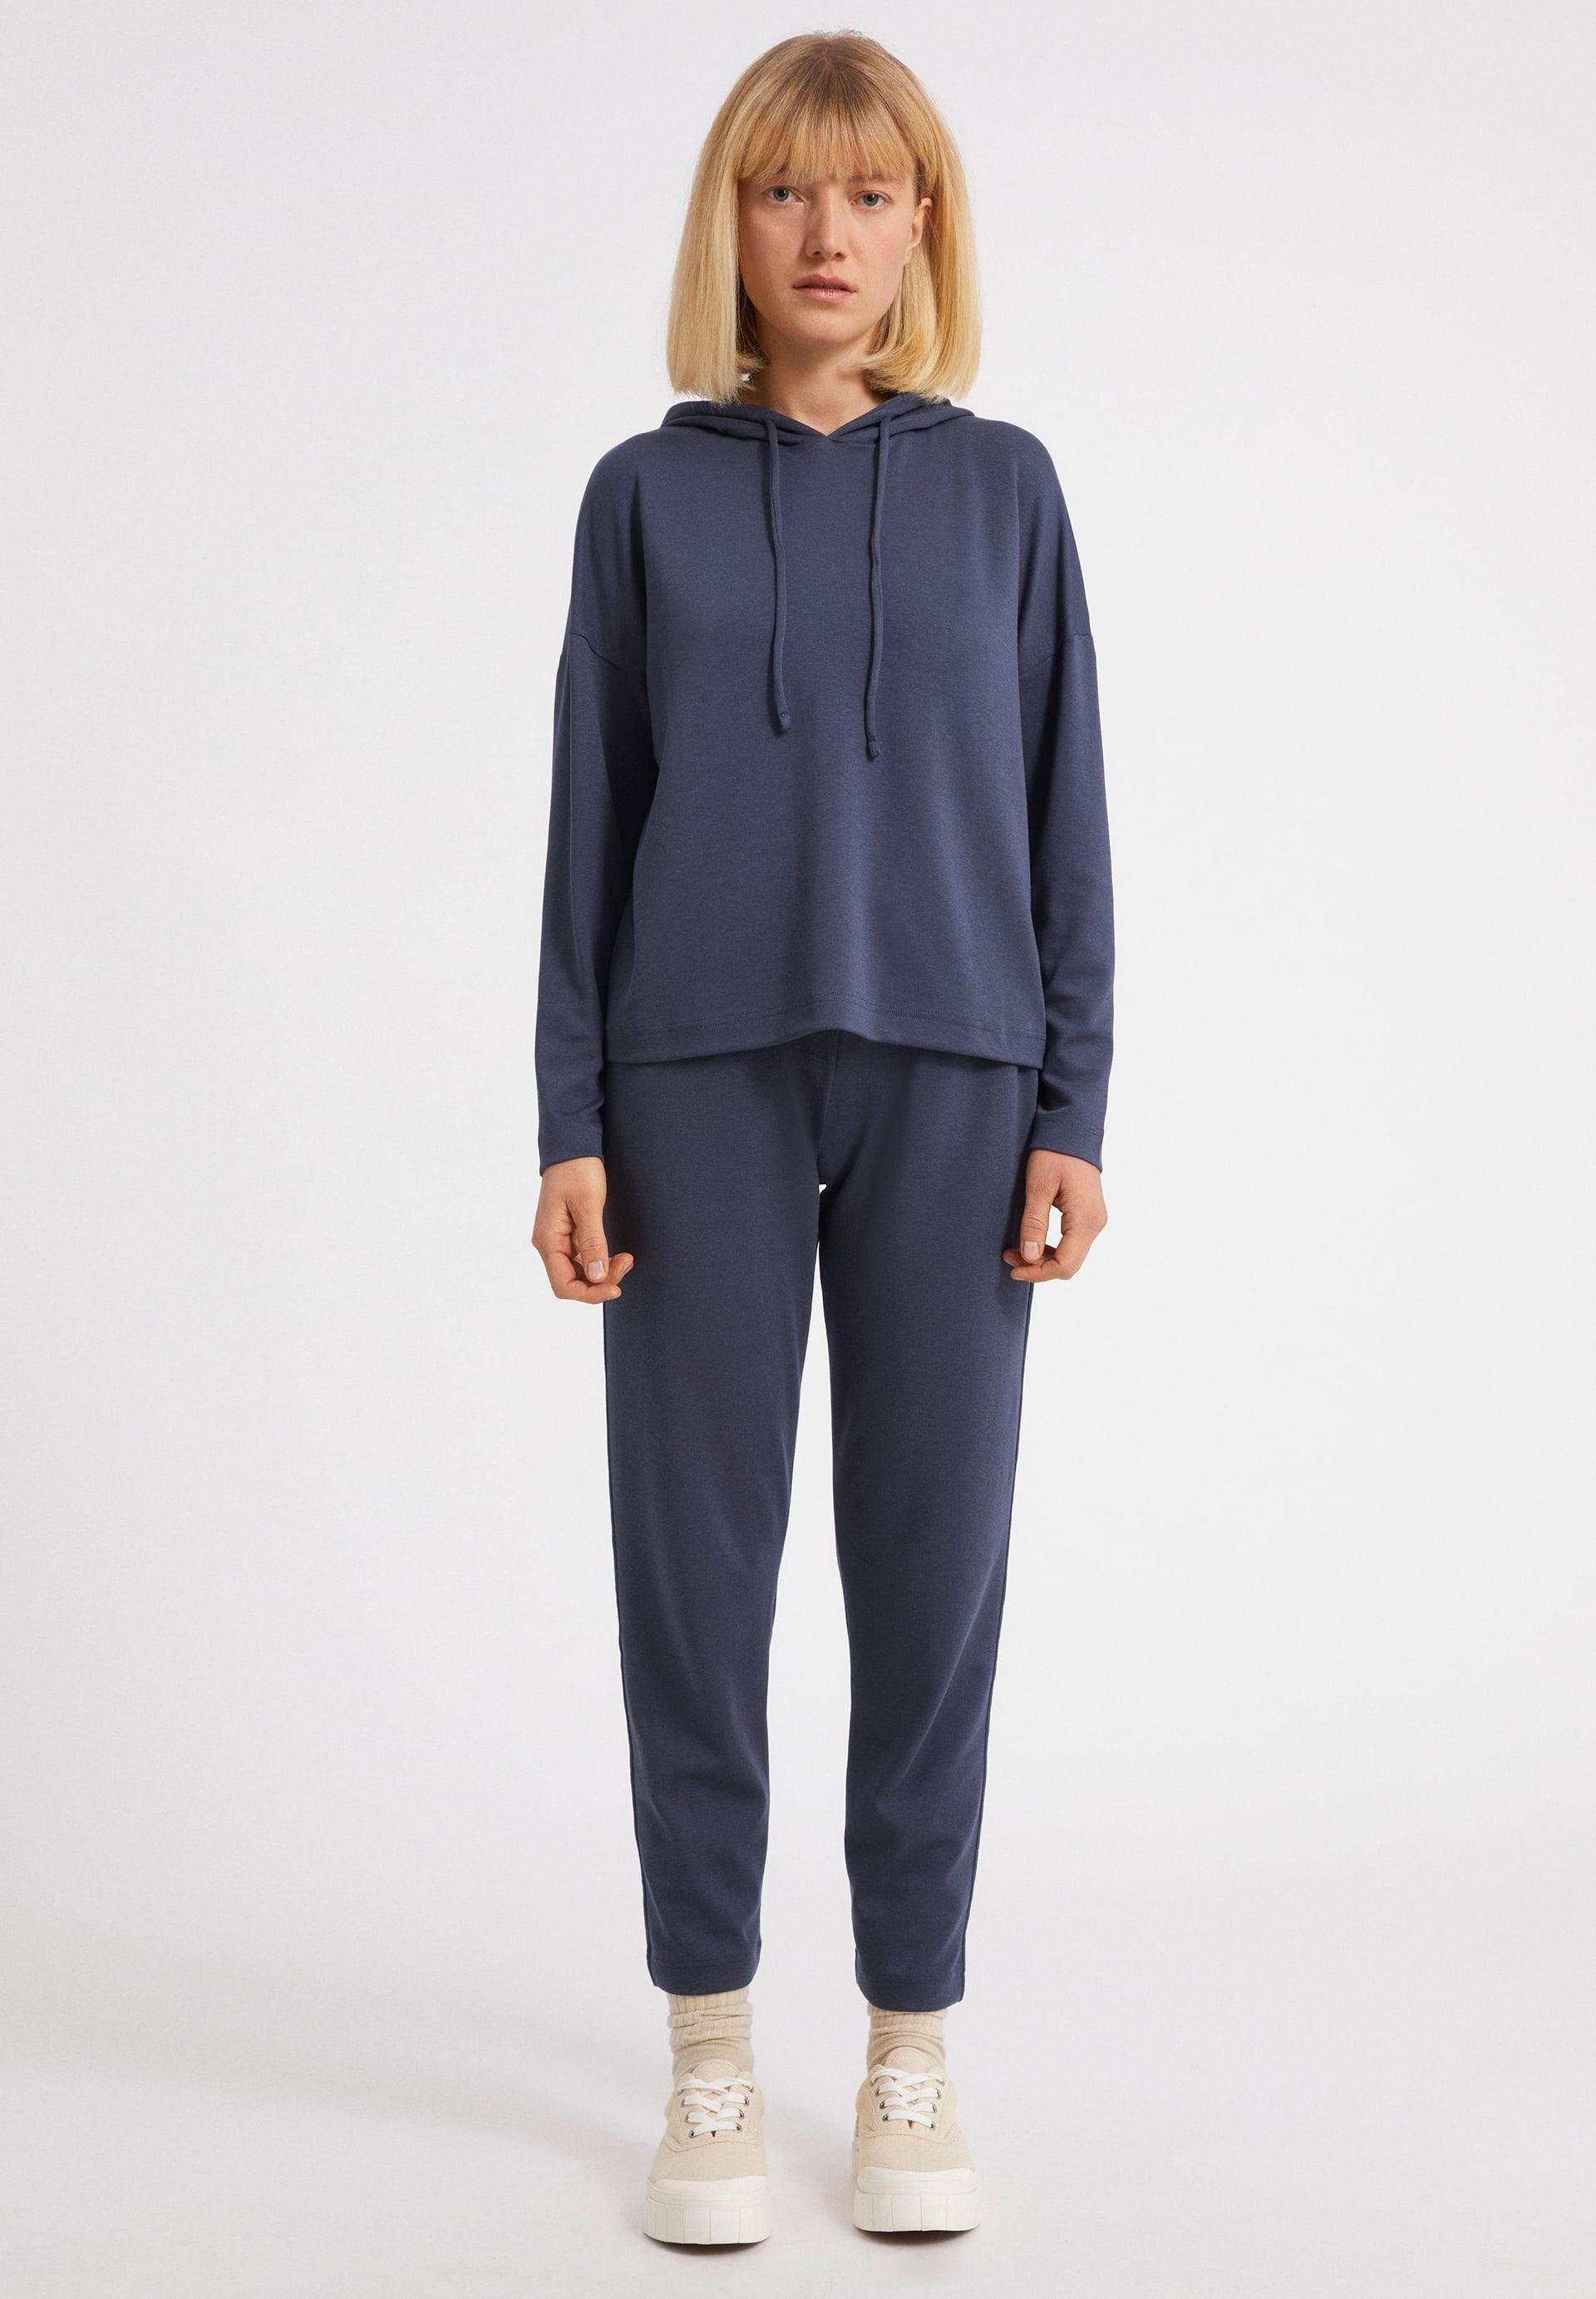 NAVAA Sweat-shirt en mélange TENCEL™ Lyocell